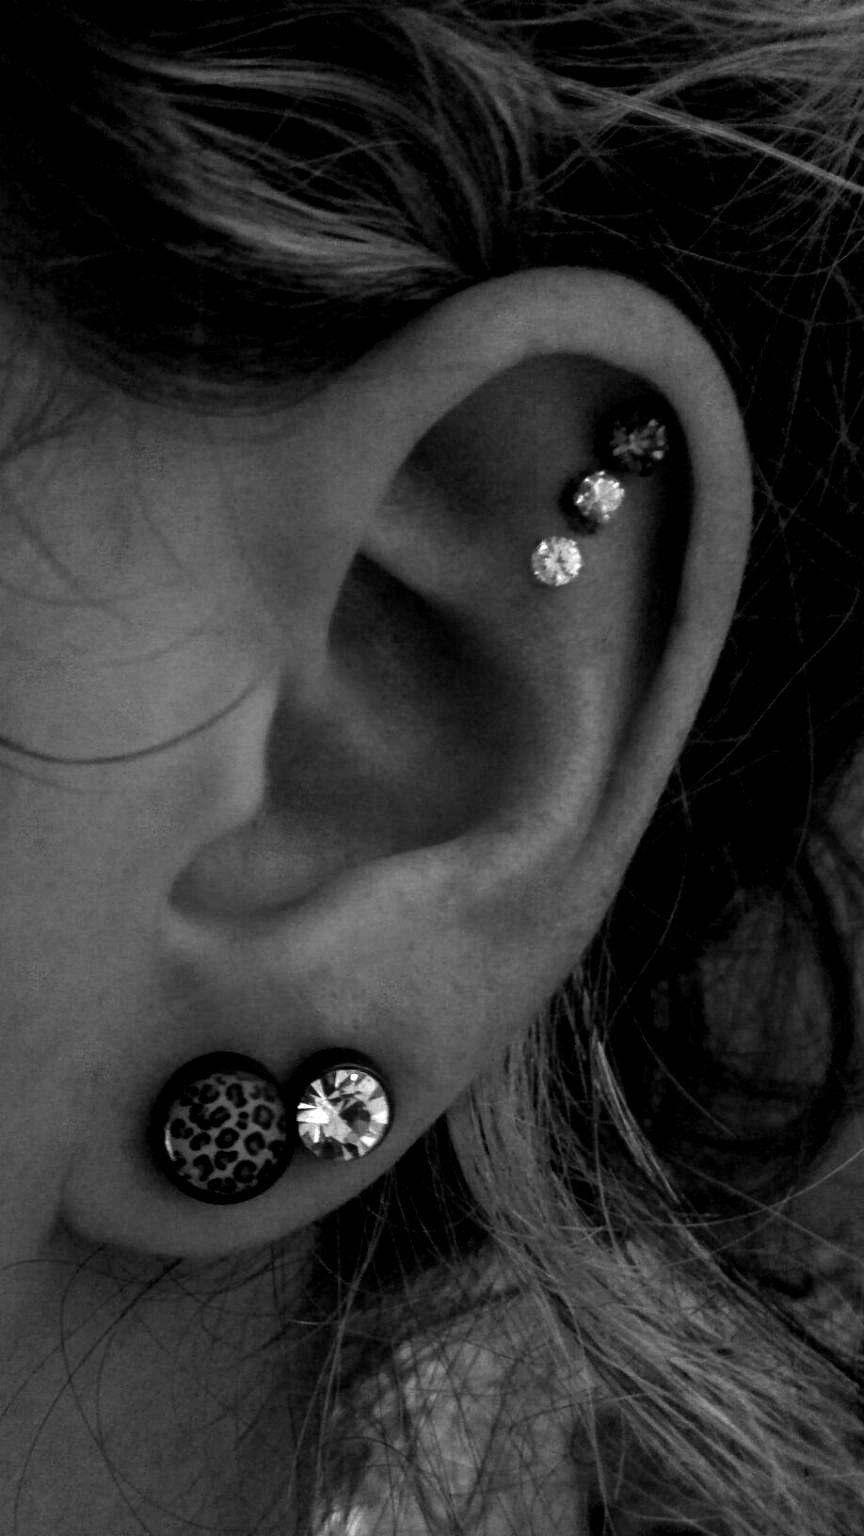 Cute piercing ideas ears  ear piercing  Tattoo ideas  Pinterest  Ear piercing Piercing and